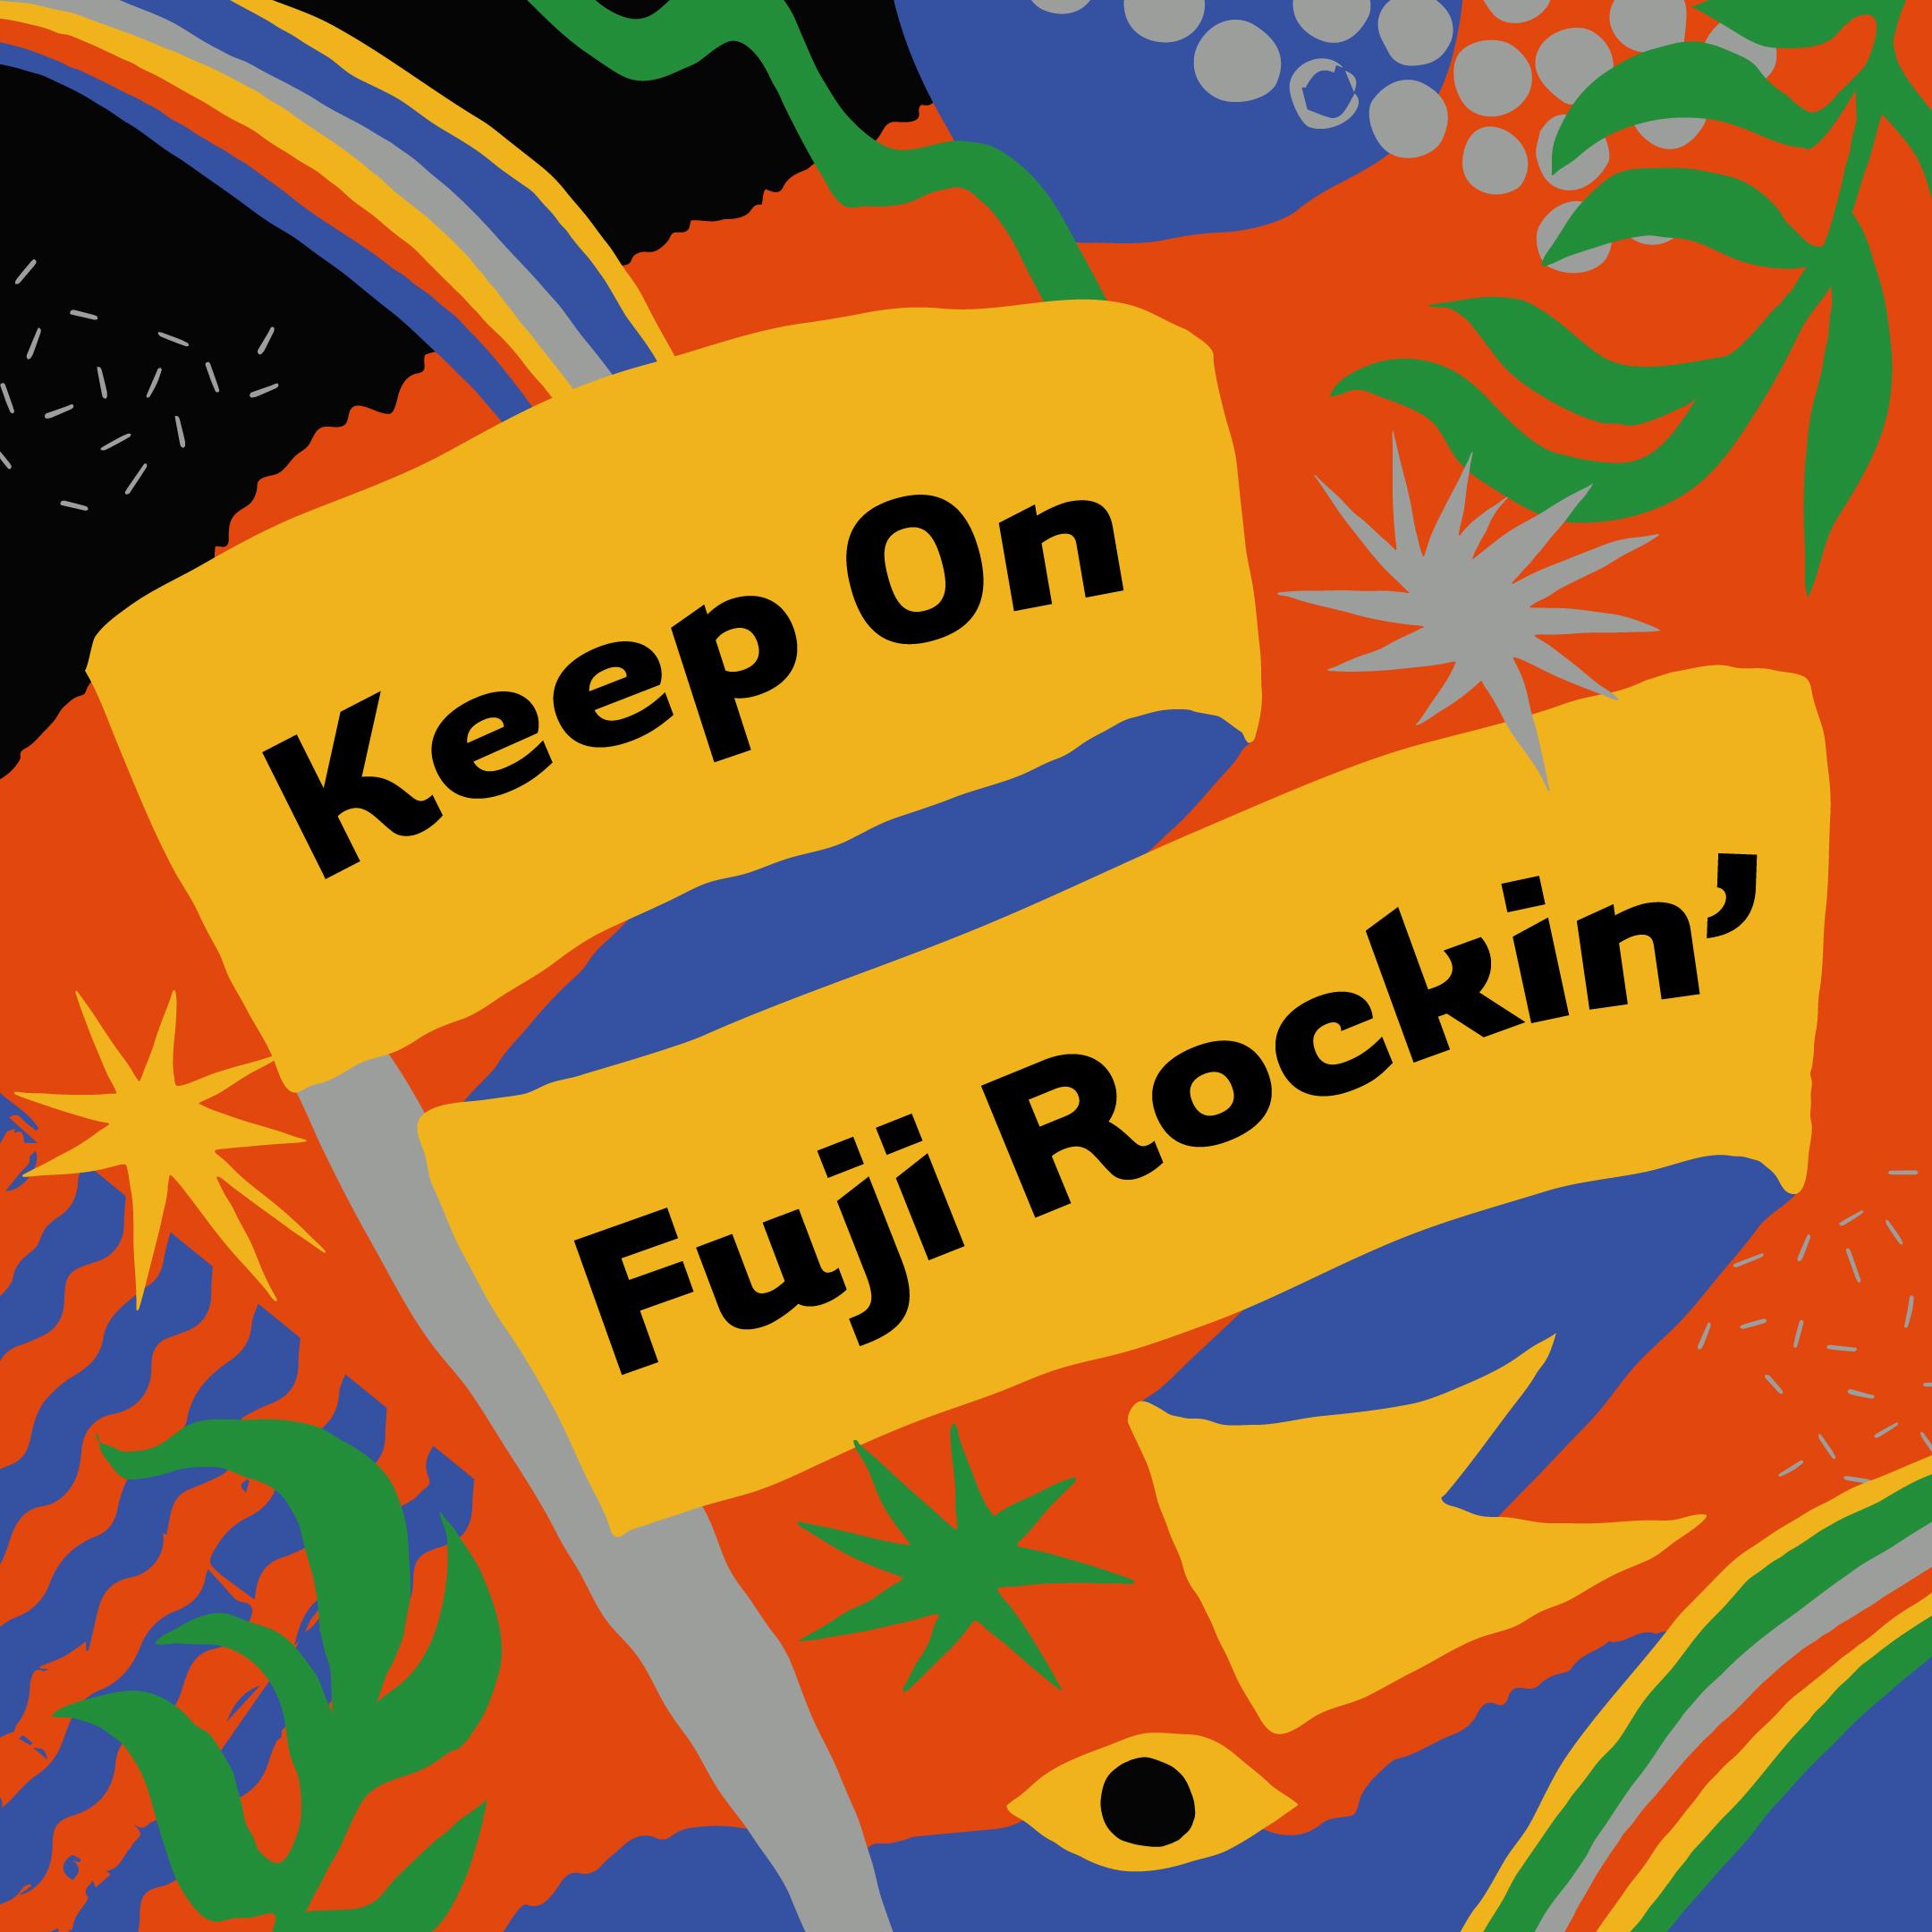 FUJI ROCK FESTIVAL'20 Keep On Fuji Rockin' キャンペーン 2020